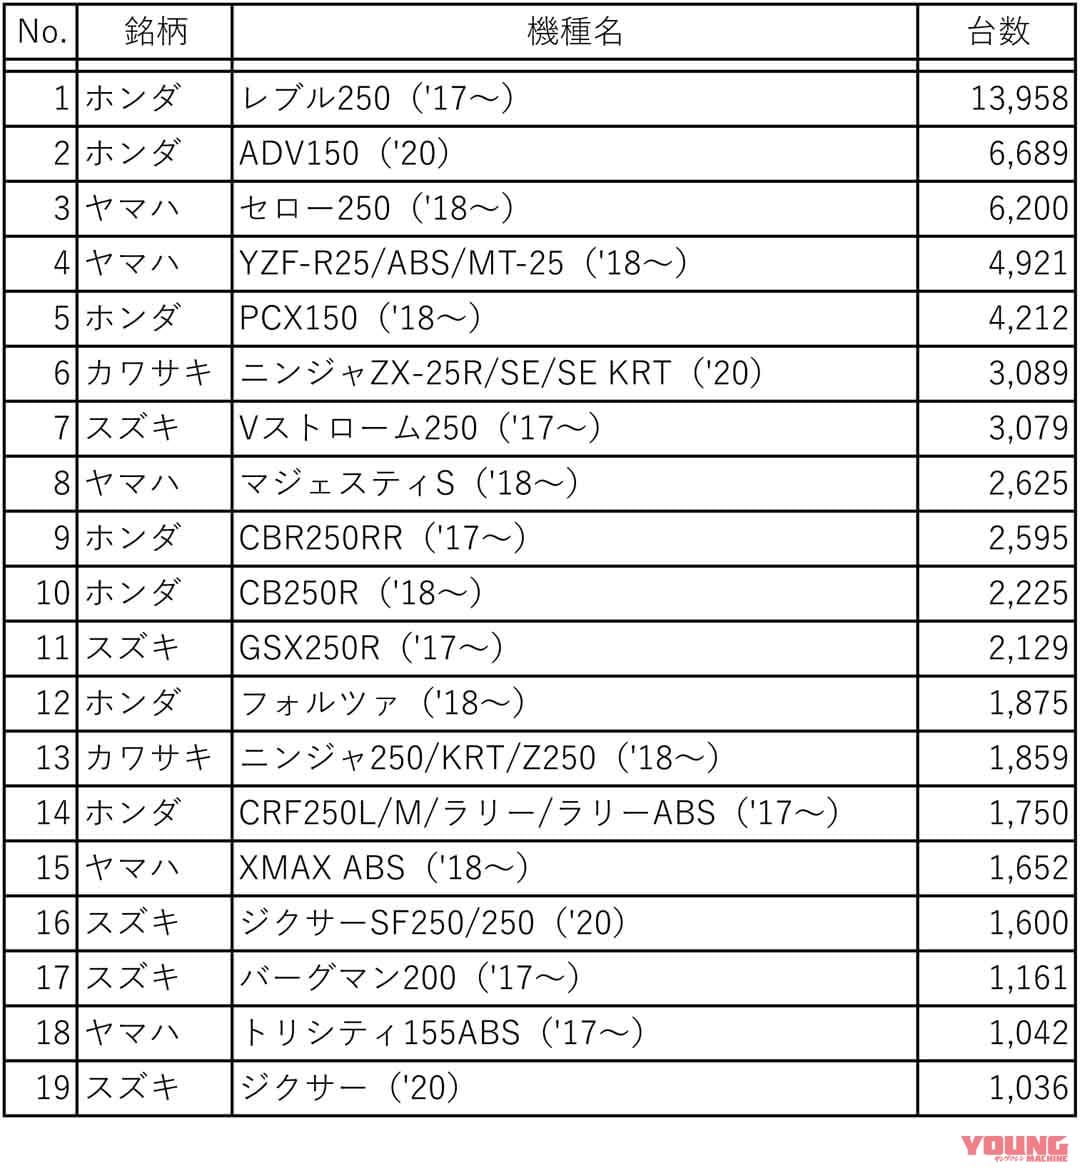 2020年 軽二輪 国内販売台数 上位20機種(二輪車新聞推定)